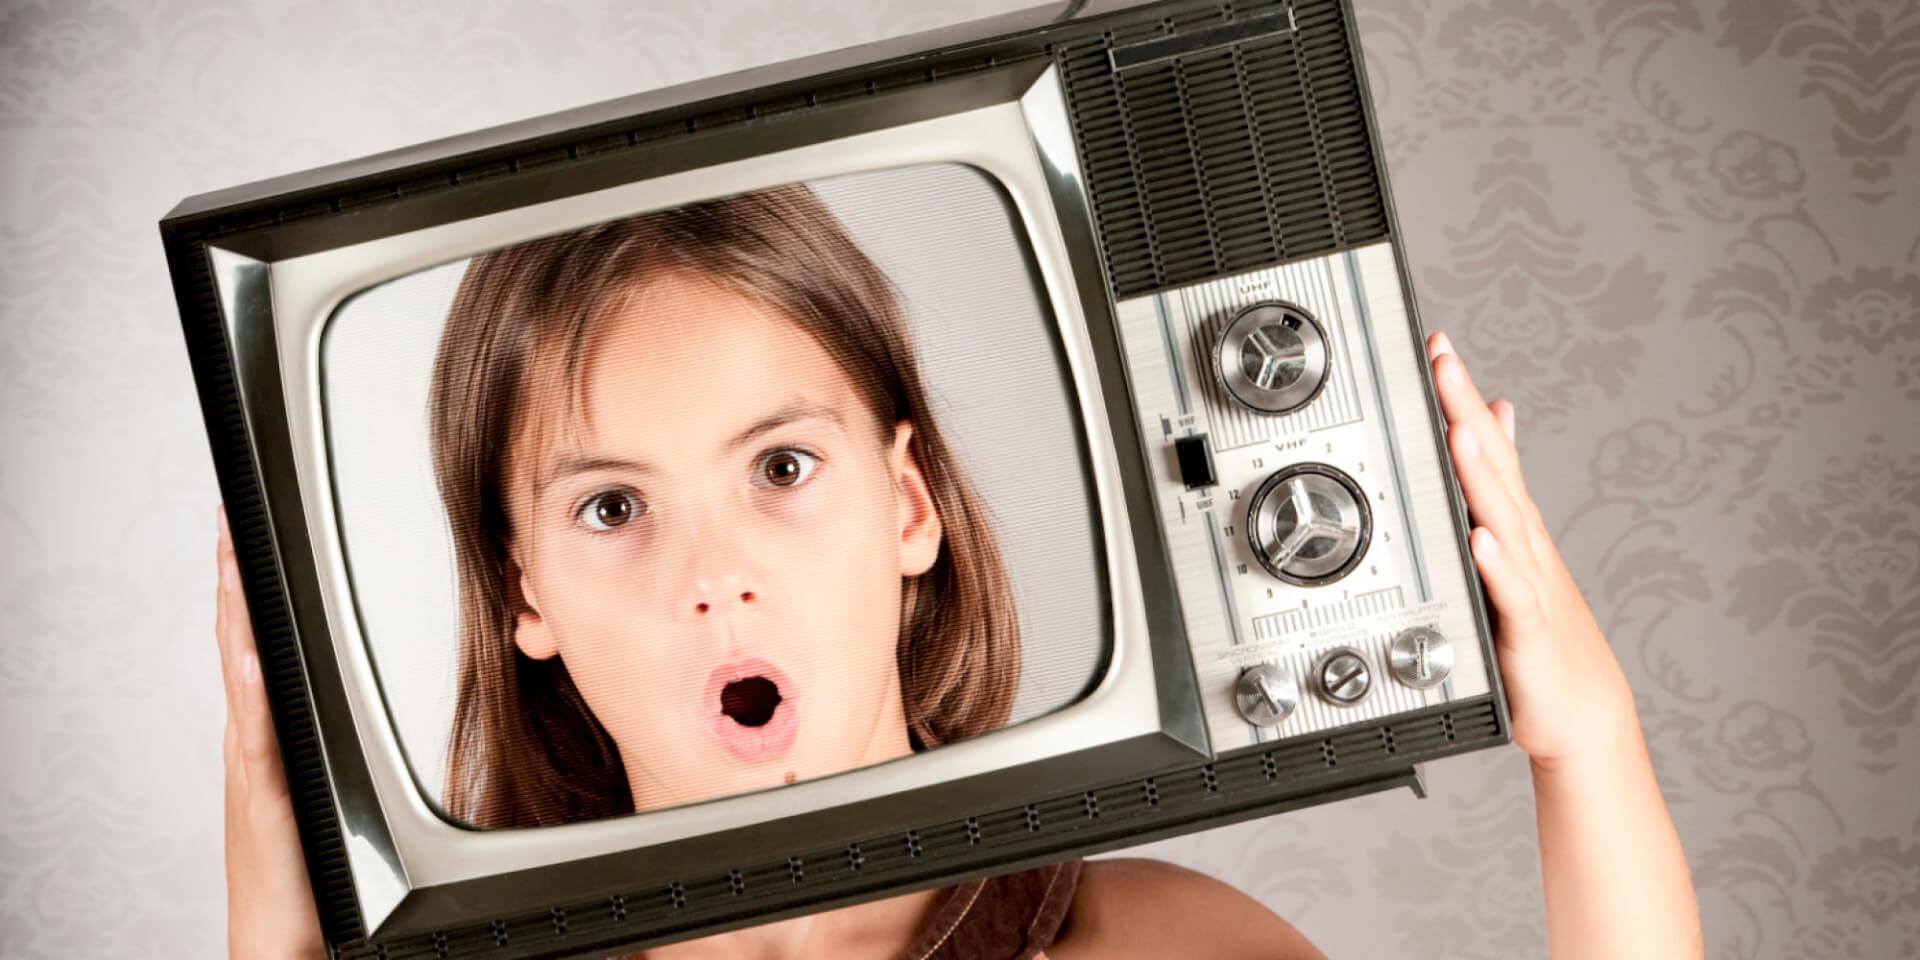 Pais que levam suas crianças para trabalhar em publicidade